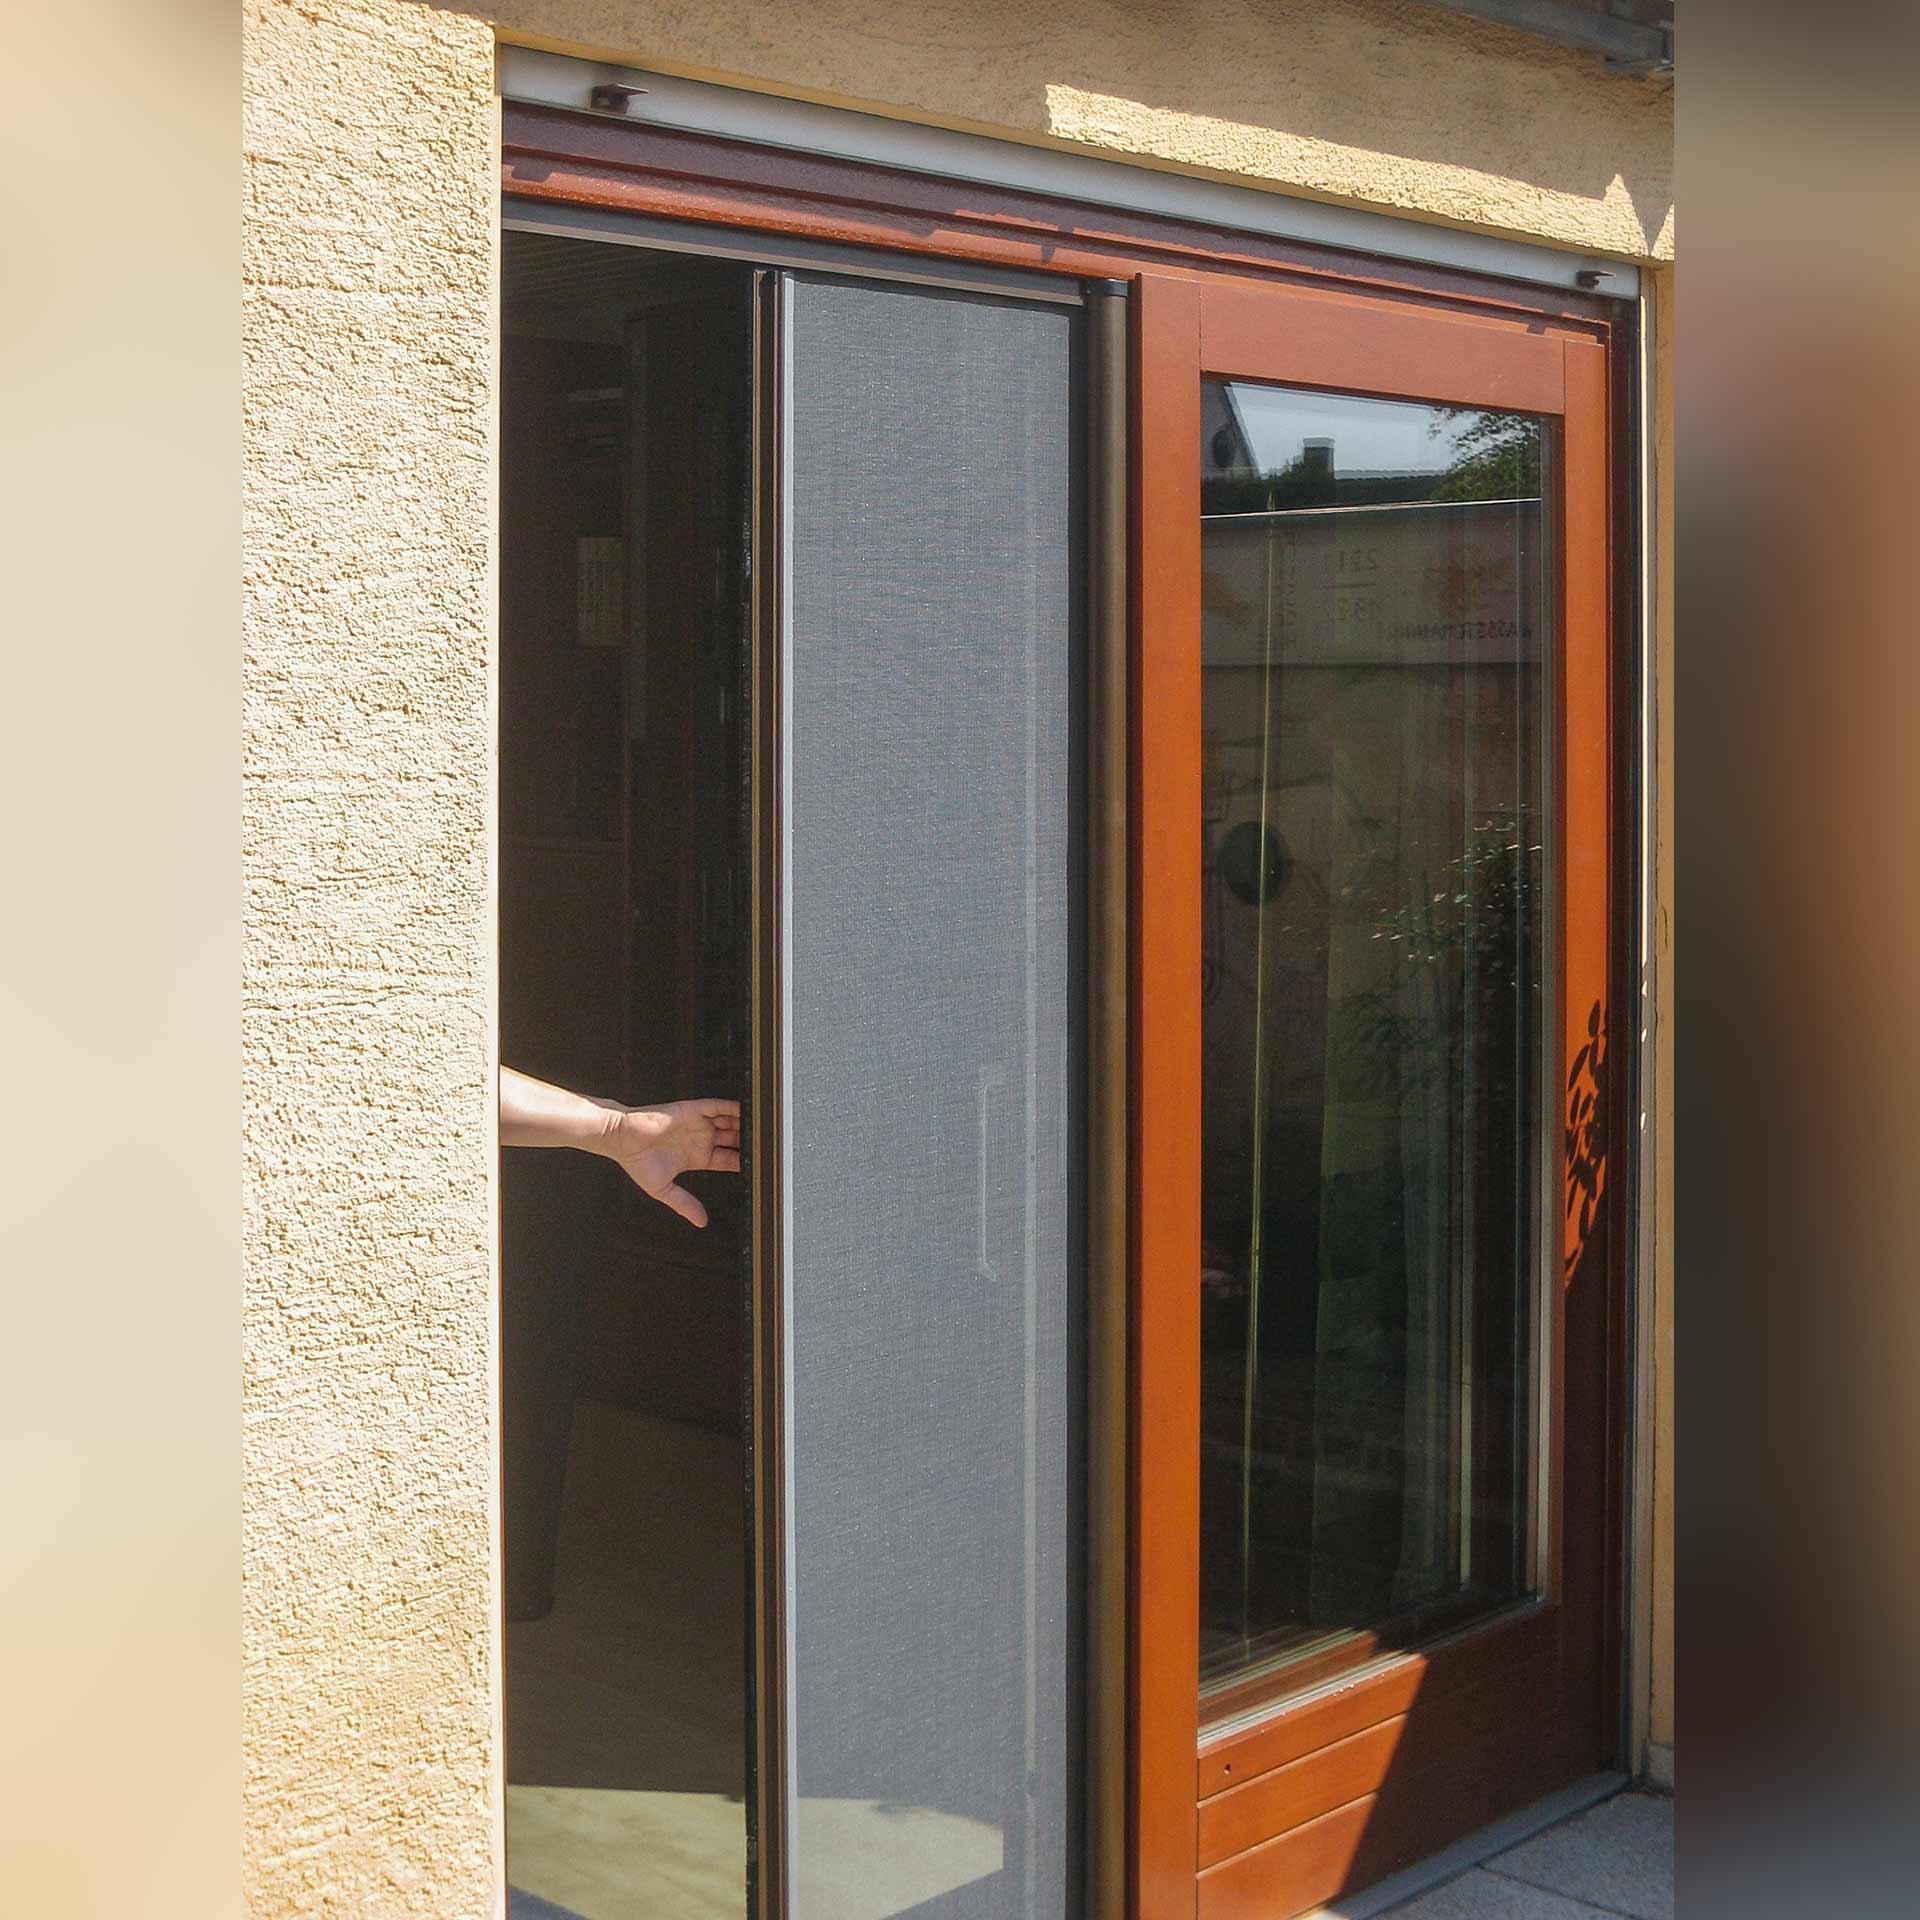 Insektenschutzrollo für Türen | innen mit Griffmulde | bis 1,2 m Breite | Adria